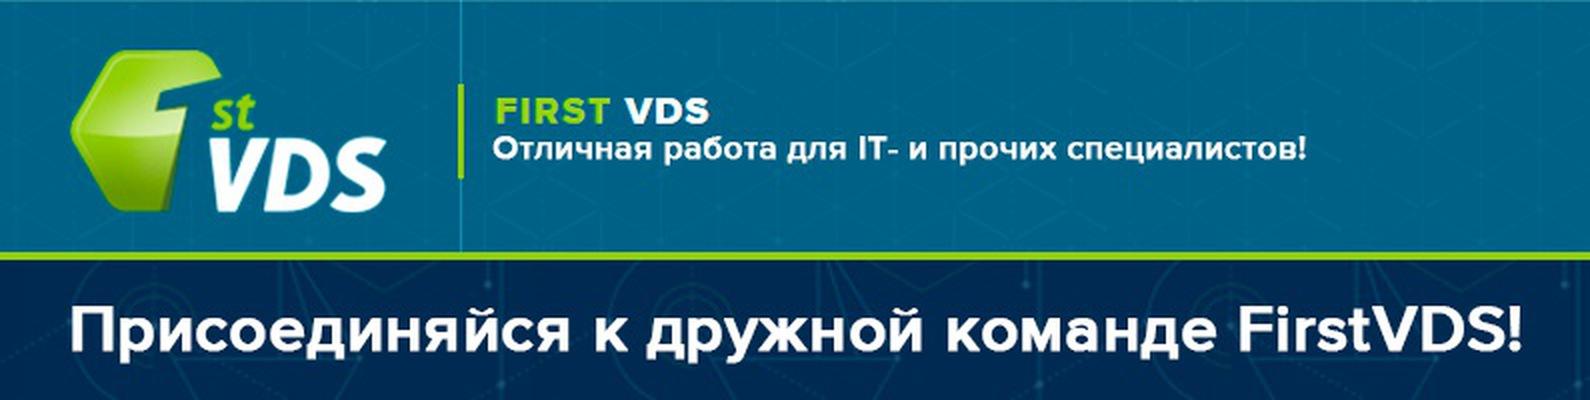 Хостинг вакансия службы поддержки закинуть файлы сайта на хостинг